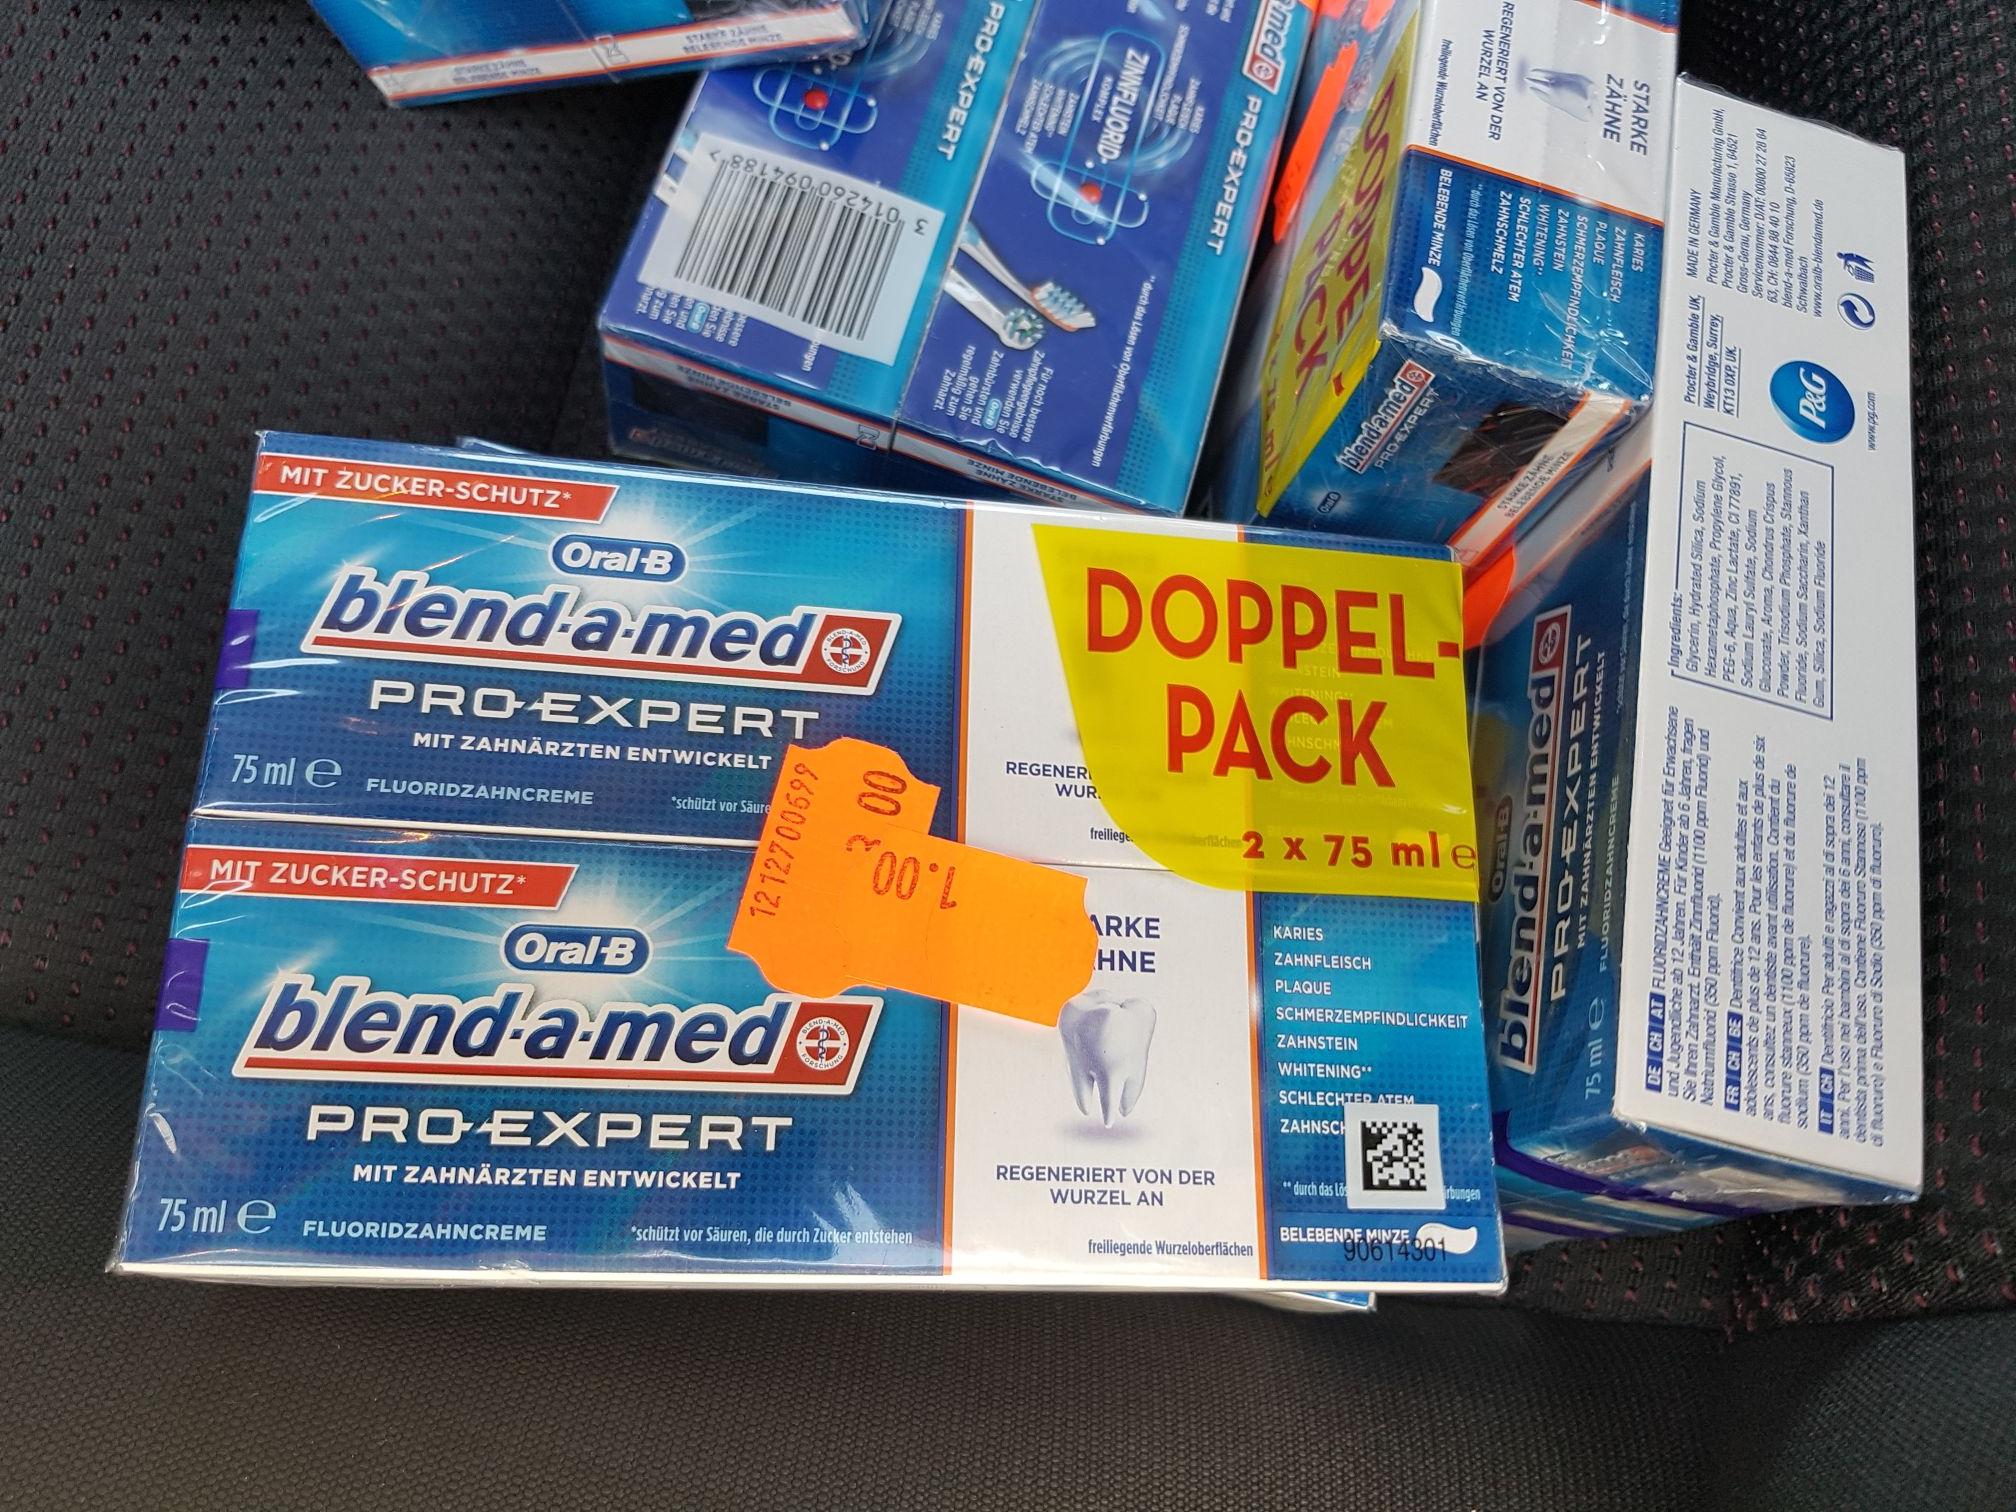 Oral-B Blend-a-Med Pro Expert im Doppelpack, lokal im Tedi Schmalkalden